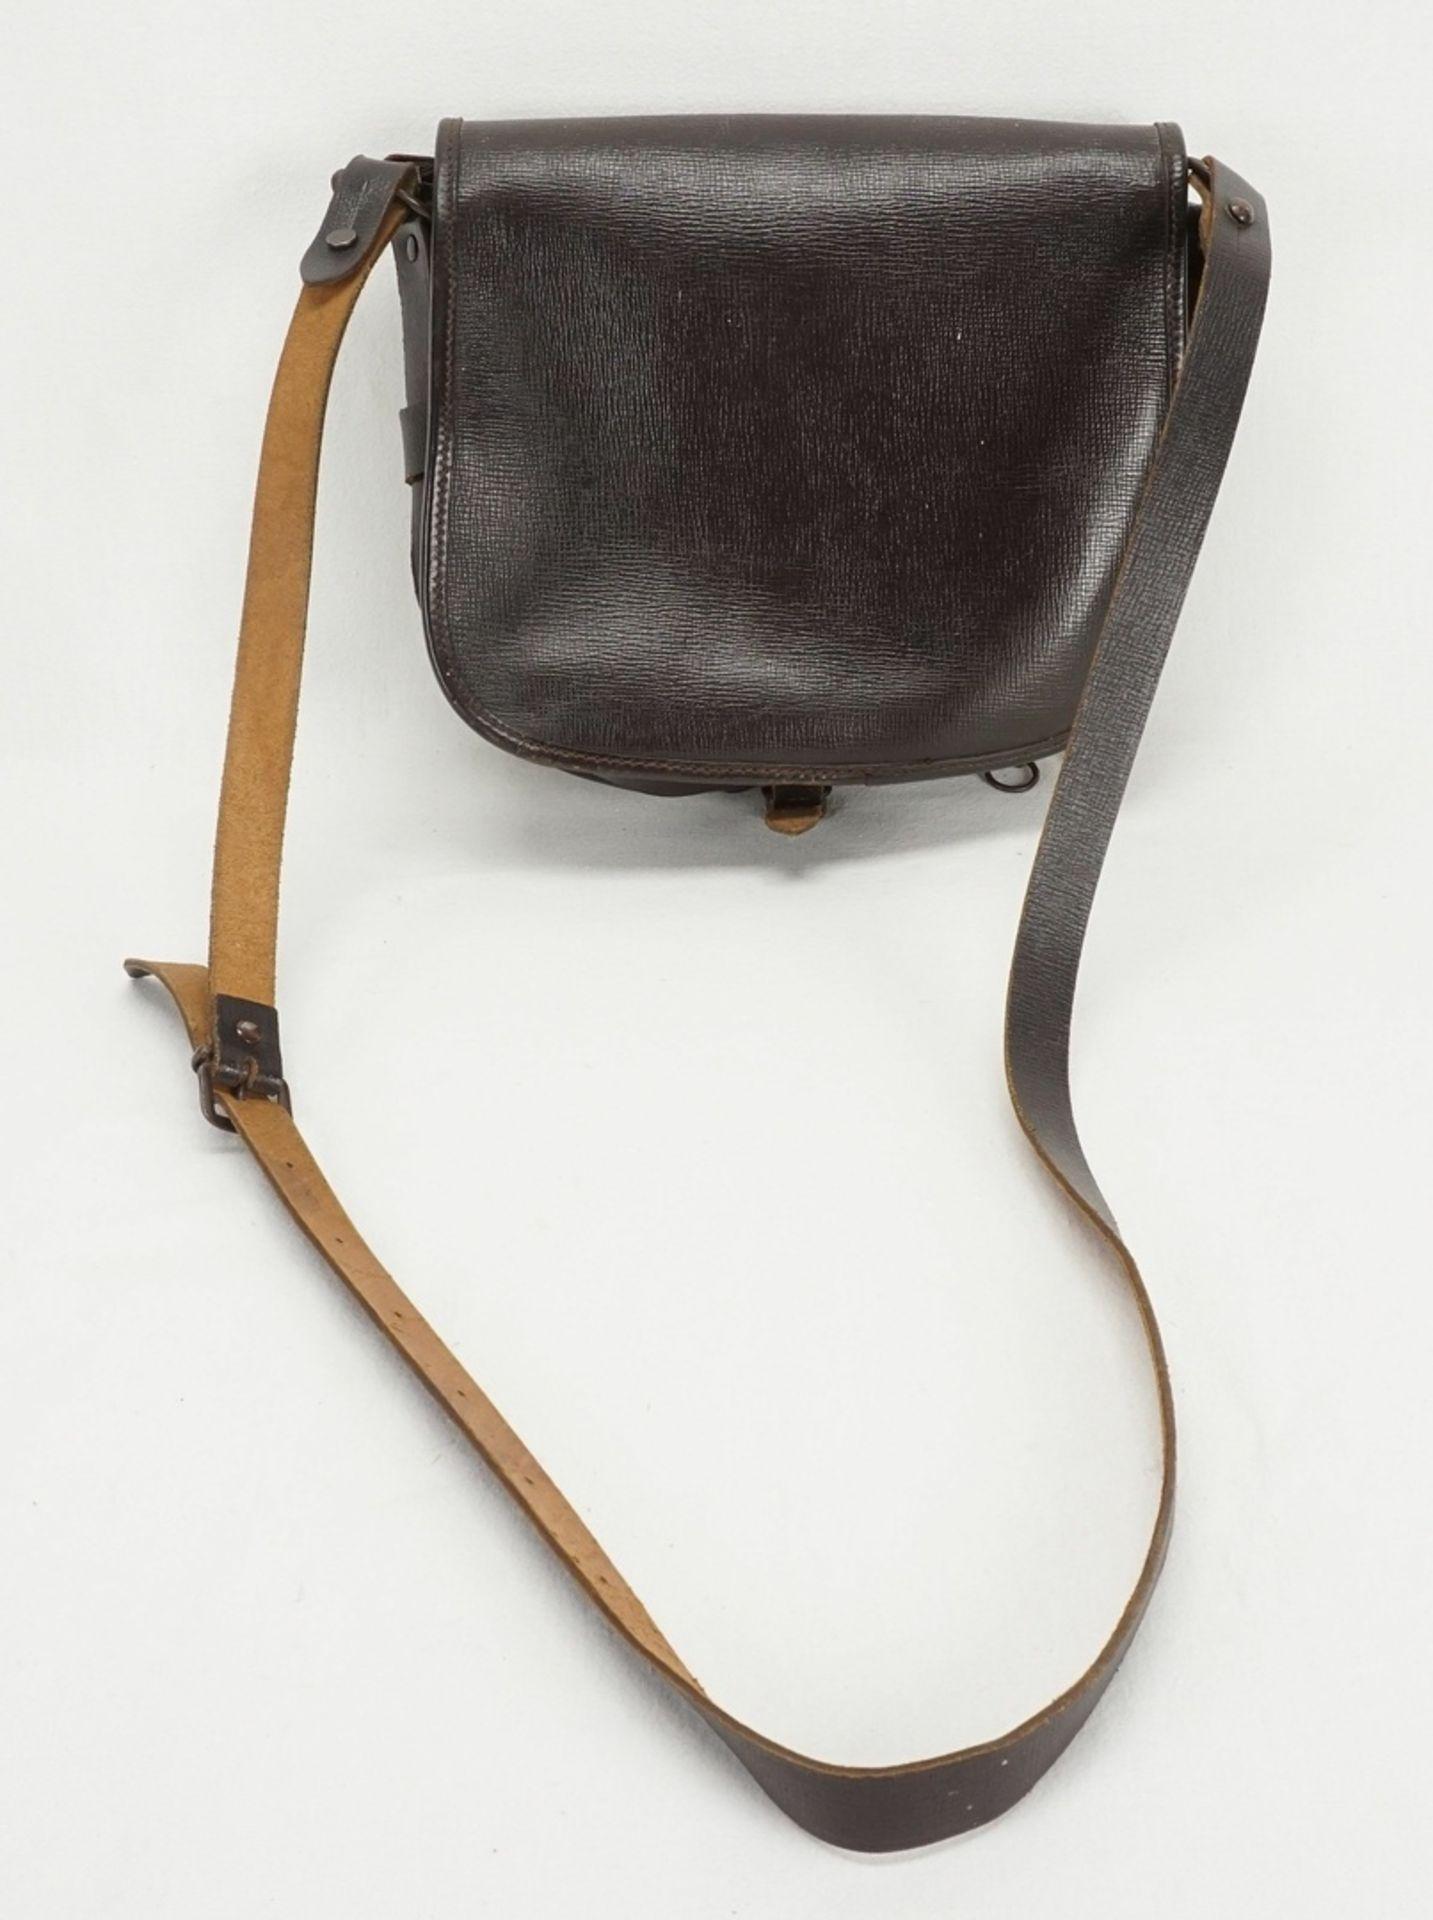 Armbrust und Jagdtasche - Bild 3 aus 4